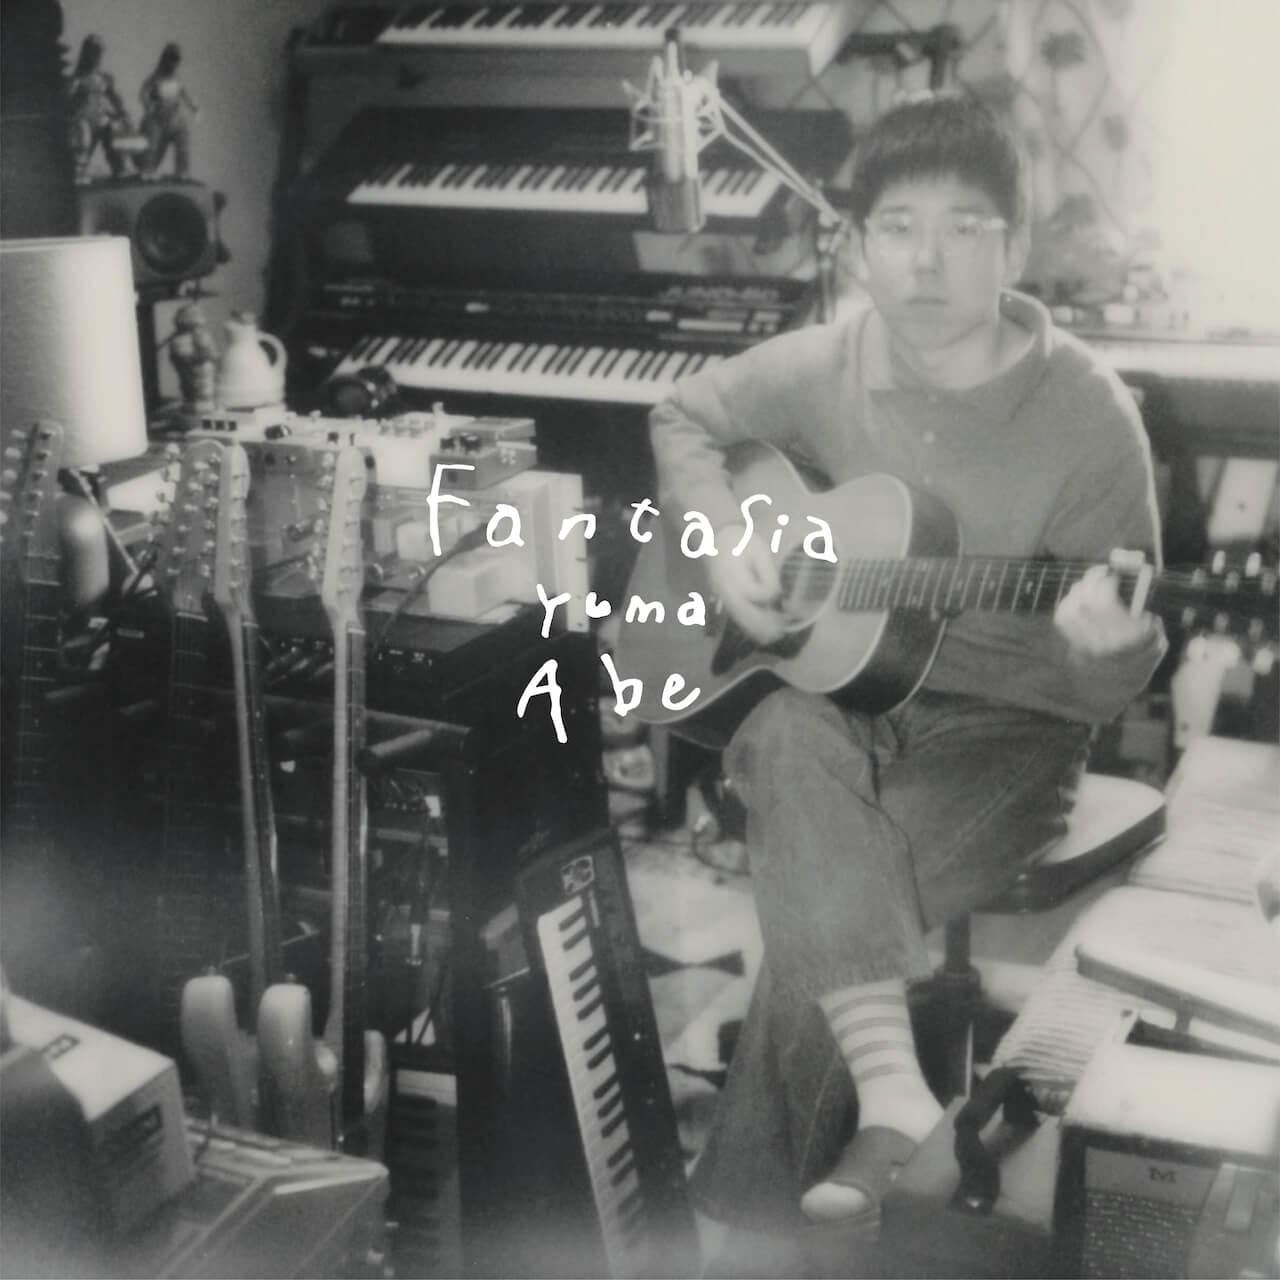 ネバヤン安部勇磨が初となるソロ名義のアルバム『Fantasia』を6月リリース|デヴェンドラ・バンハートや細野晴臣も参加 music210426-abeyuma-2